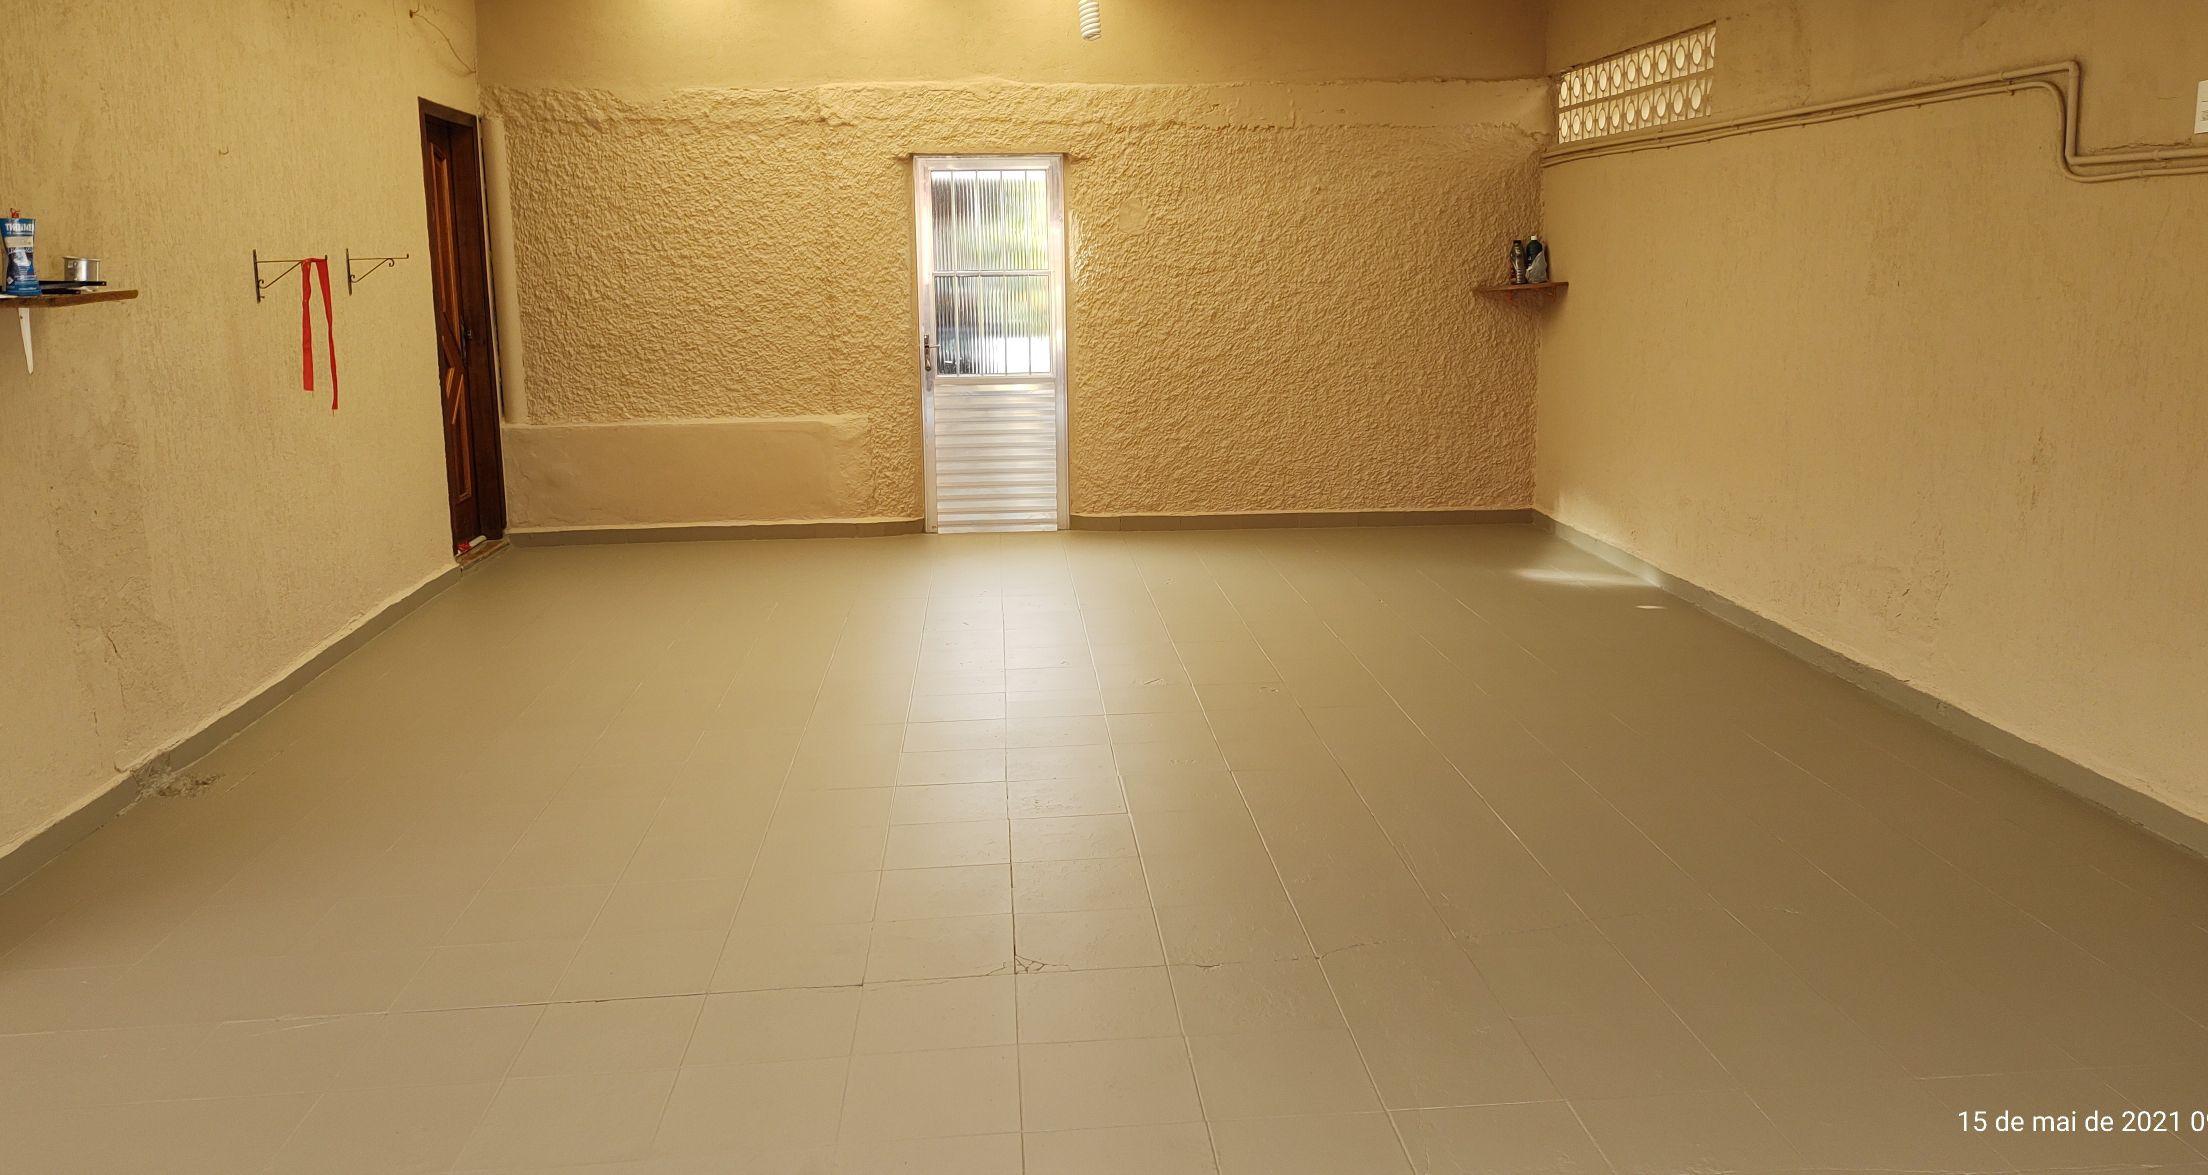 Pintura geral garagem, telhas, piso e paredes.